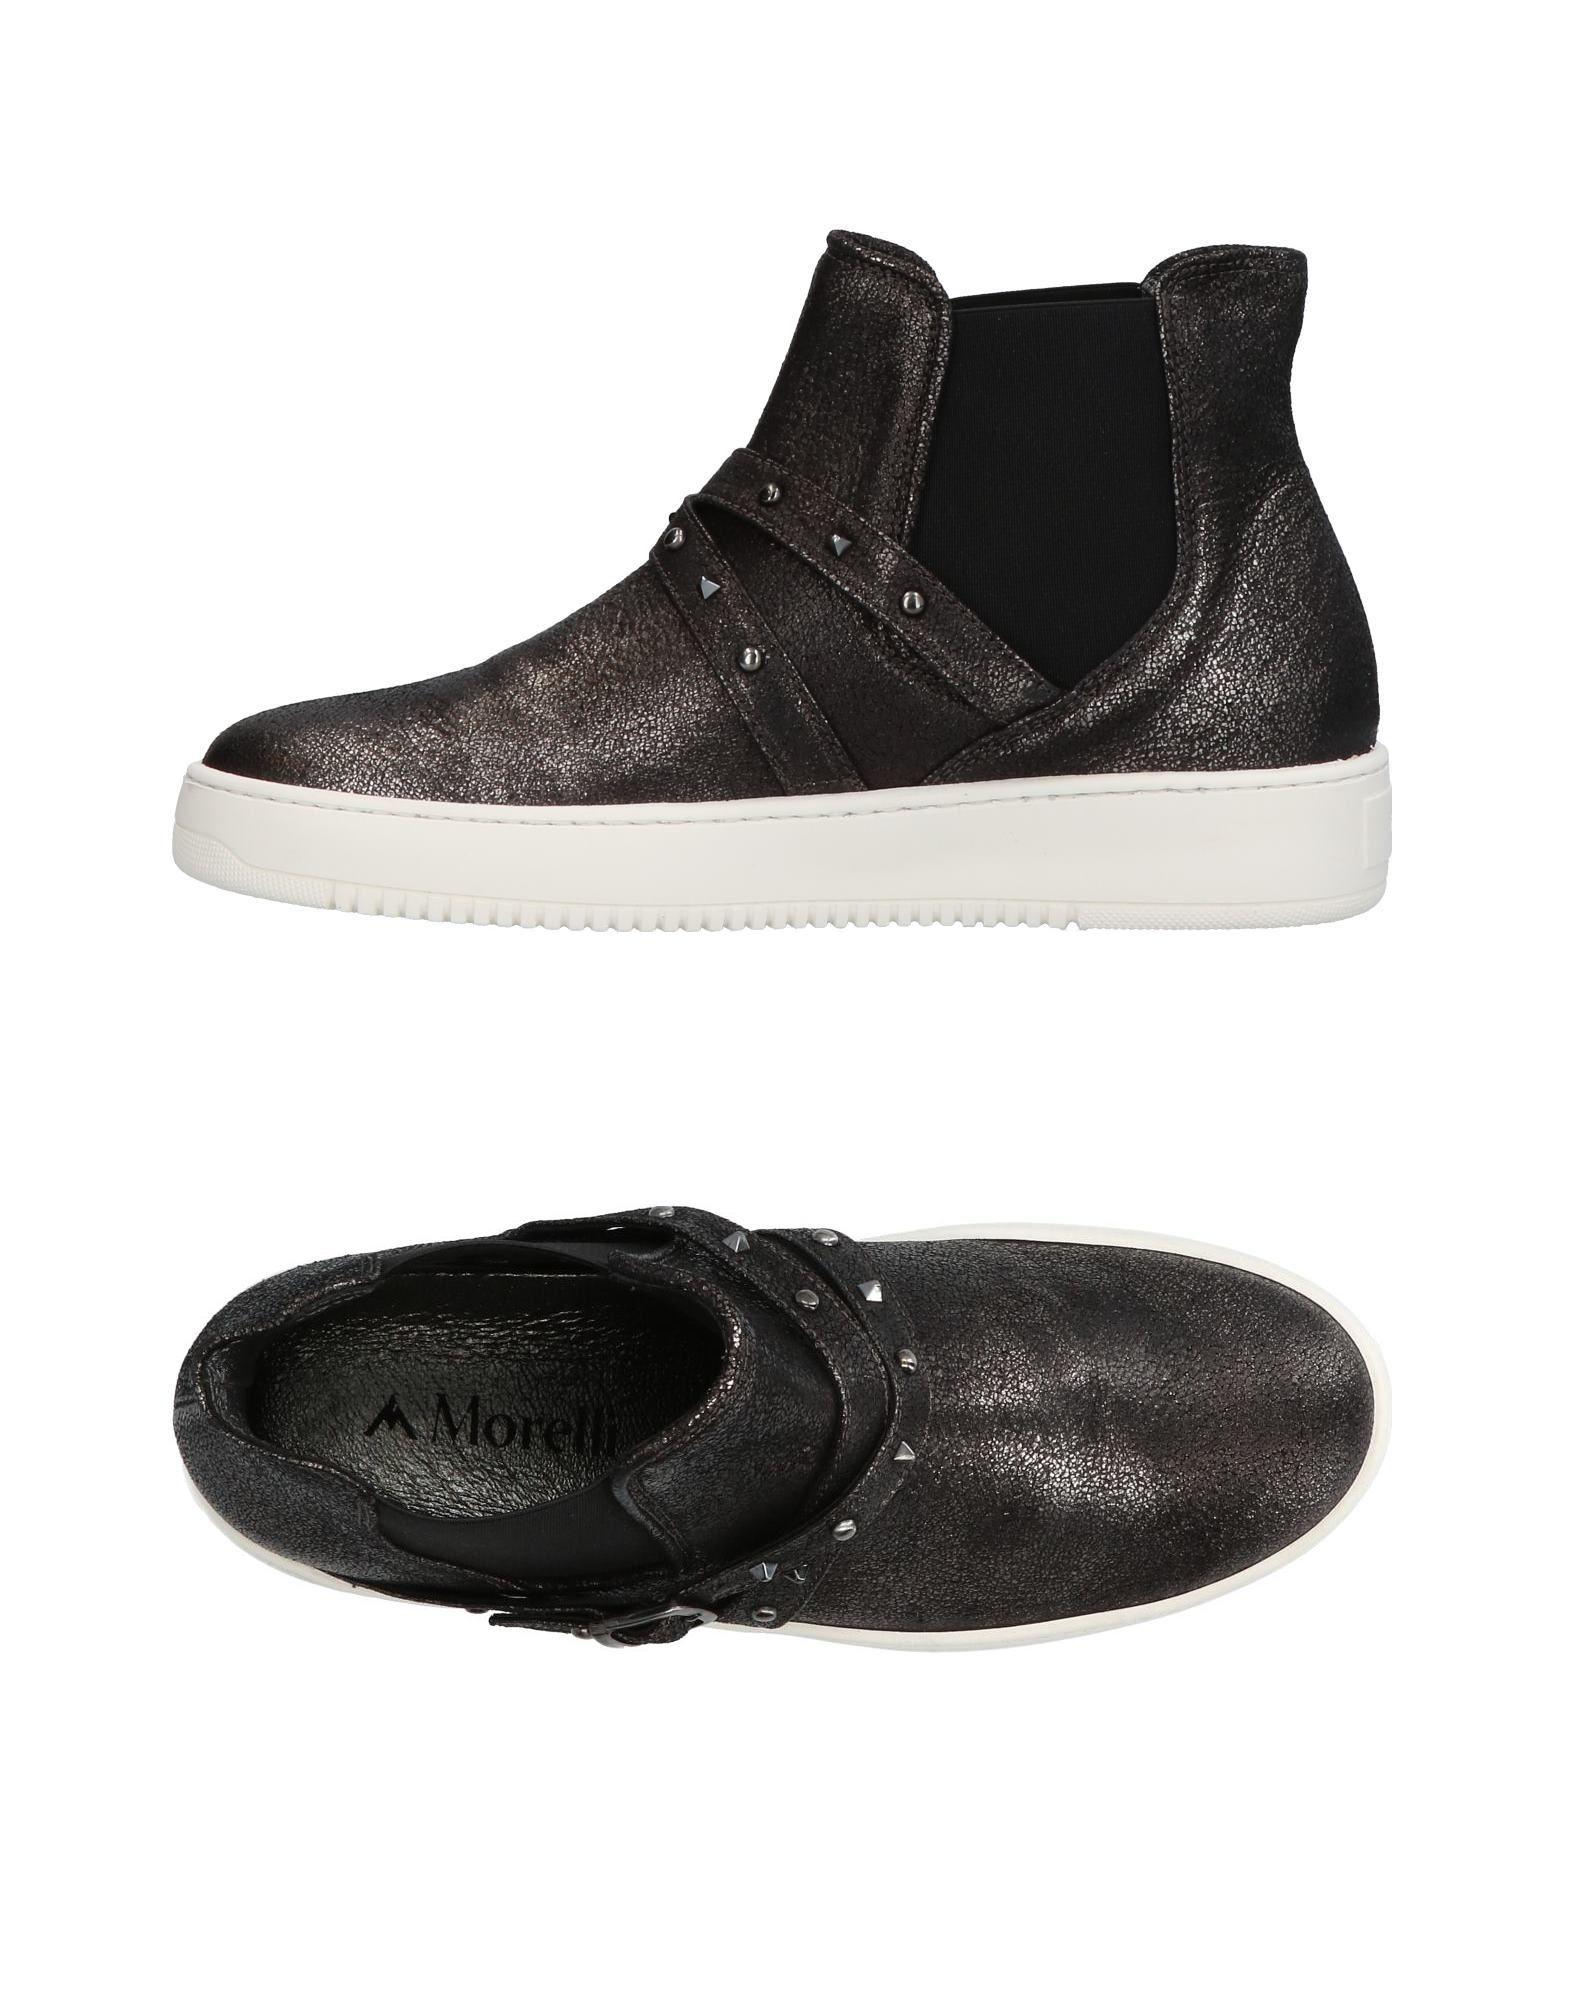 Sneakers Andrea Morelli Donna - 11355618LE